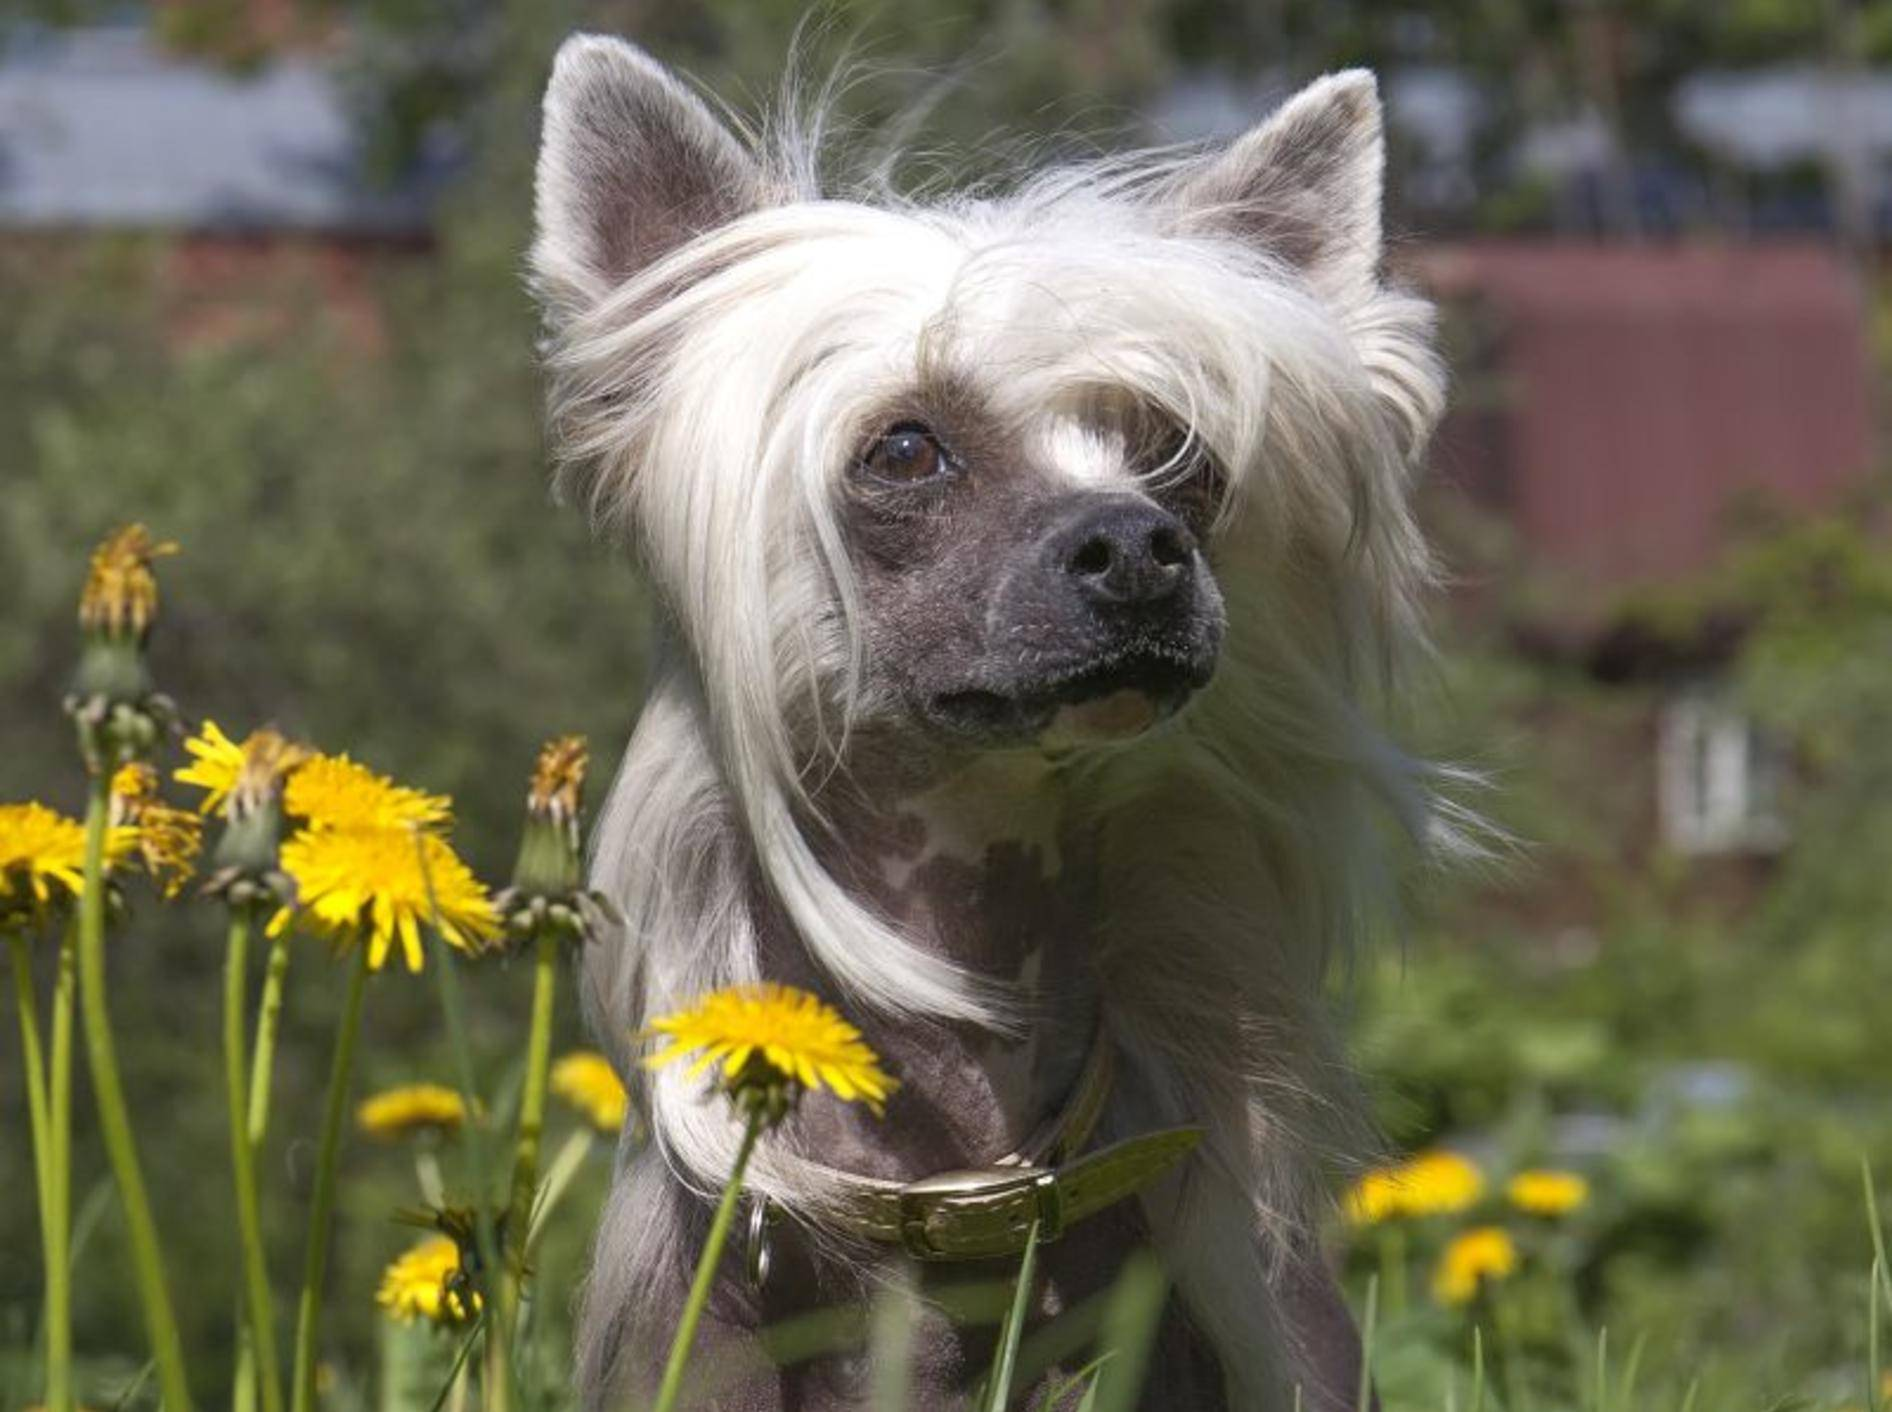 Schicke Frisur, toller Charakter: Wer den Chinesischen Schopfhund kennenlernt, schätzt sei liebenswertes Wesen – Bild: Shutterstock / Vivienstock